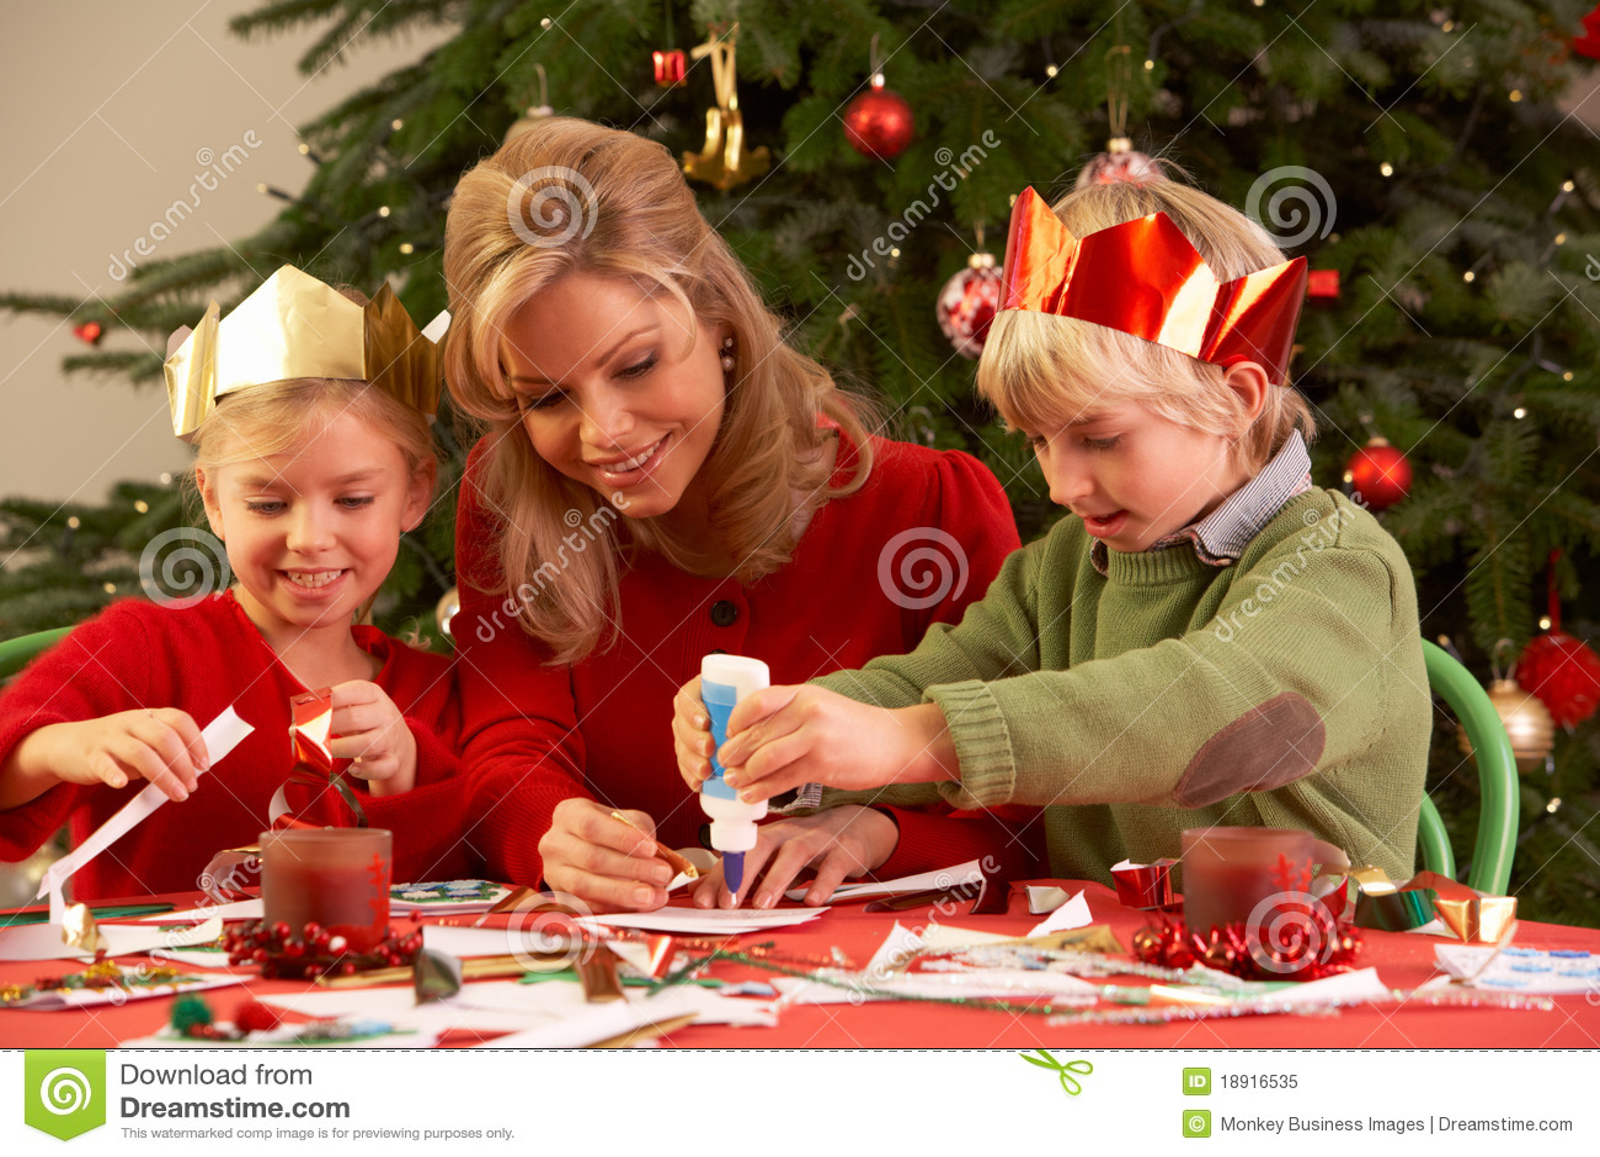 Moeder En Kinderen Die Kerstkaarten Maken Stock Afbeelding